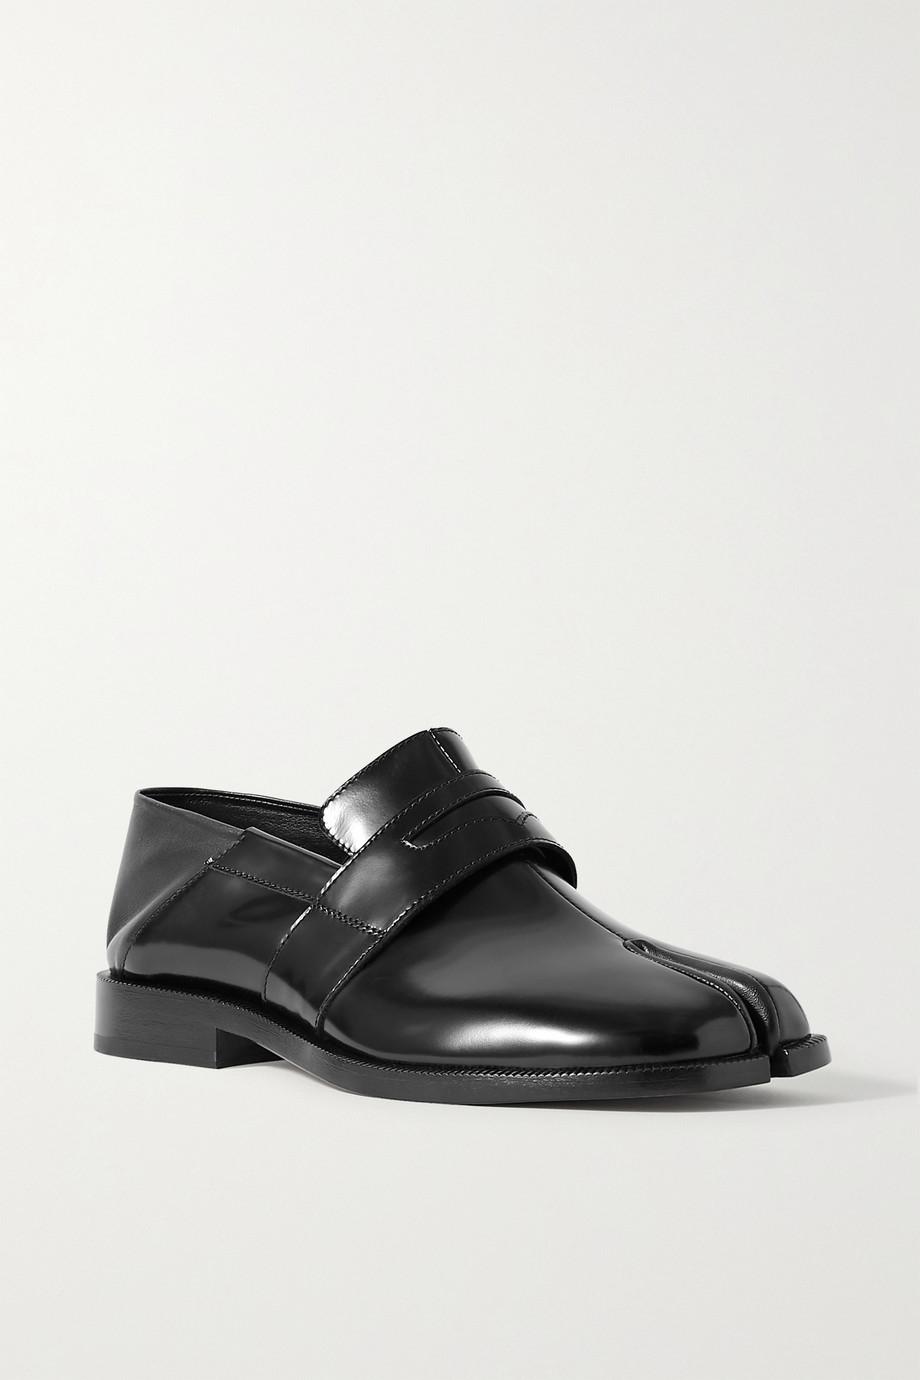 Maison Margiela 分趾漆皮折叠式后跟乐福鞋